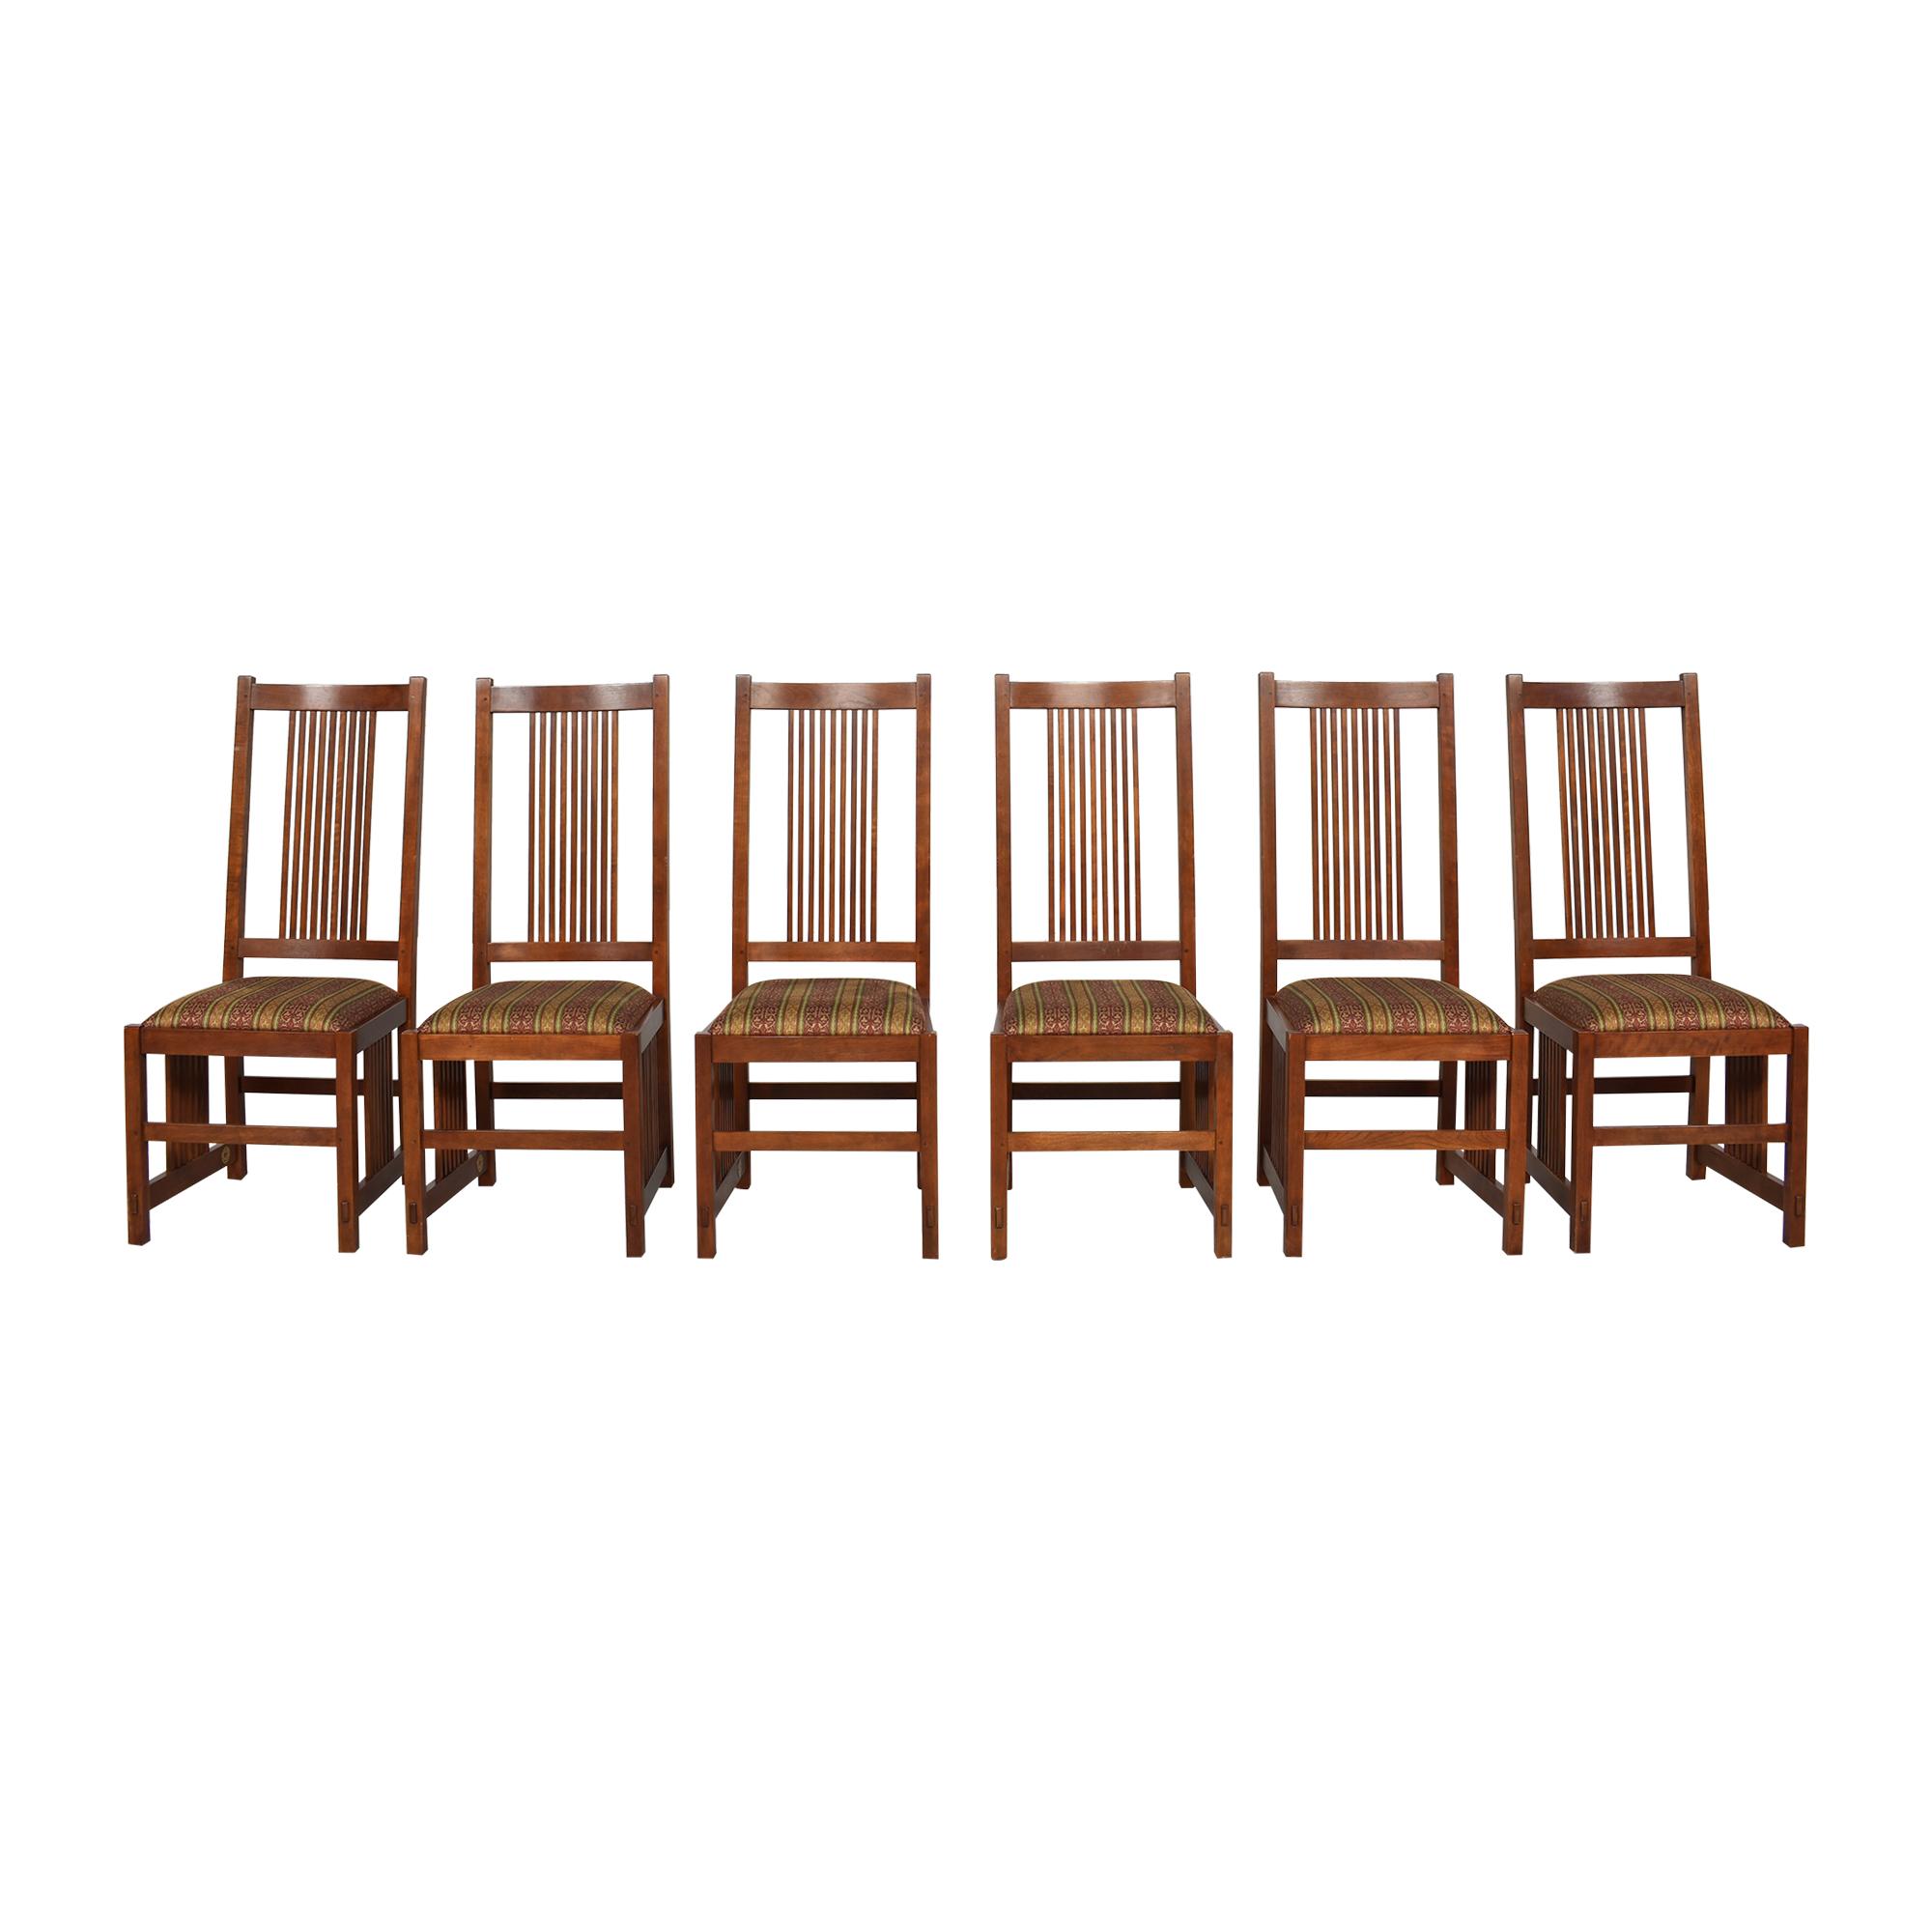 shop Stickley Furniture Spindle Dining Side Chairs Stickley Furniture Dining Chairs